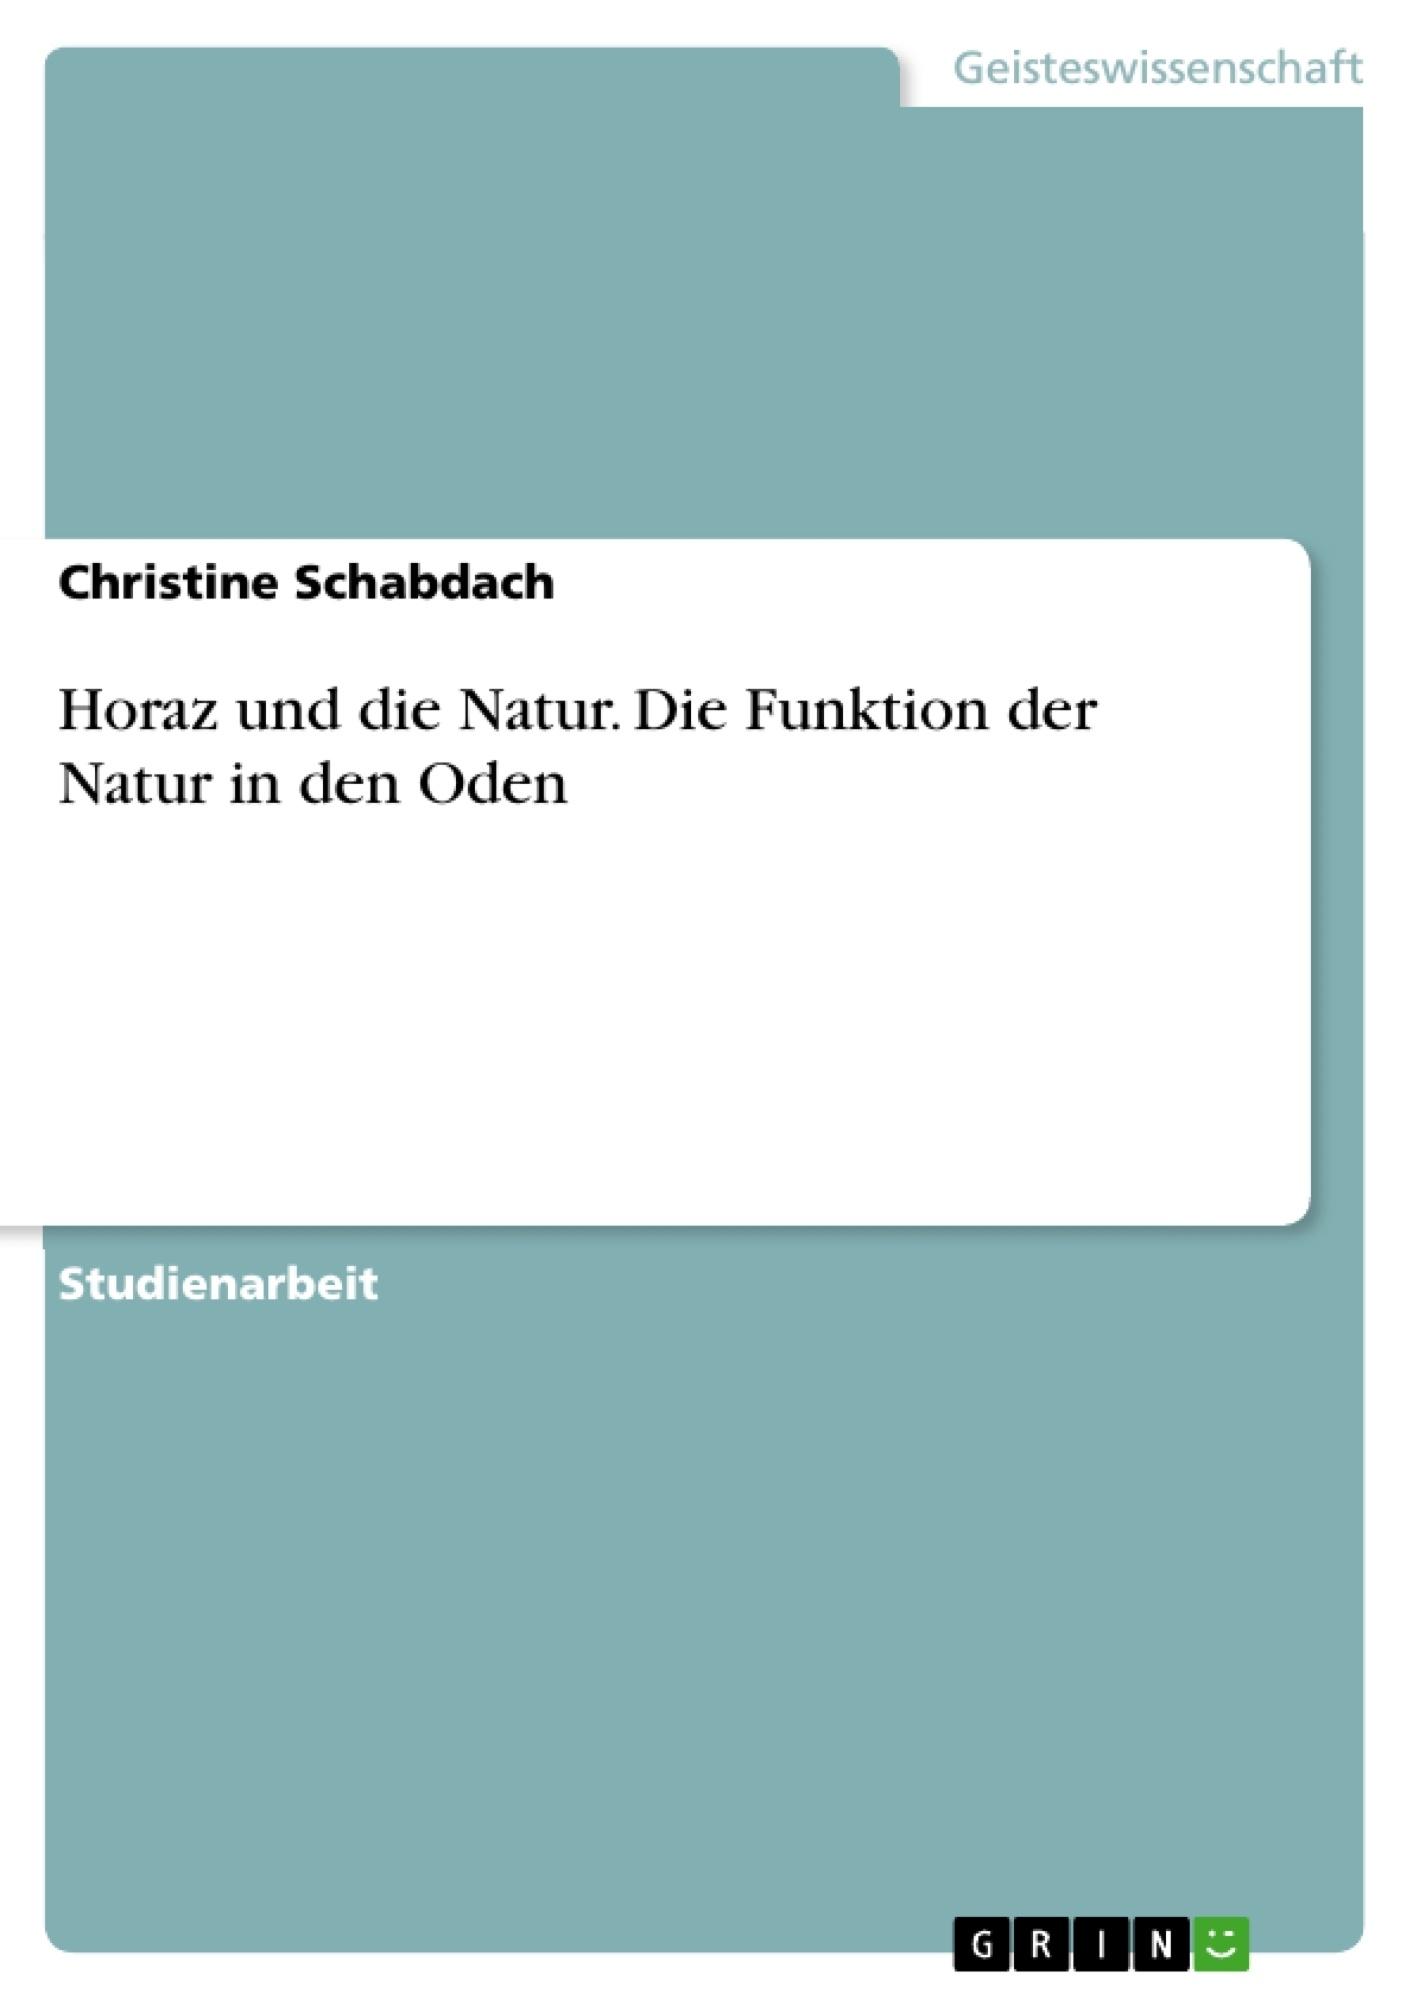 Titel: Horaz und die Natur. Die Funktion der Natur in den Oden